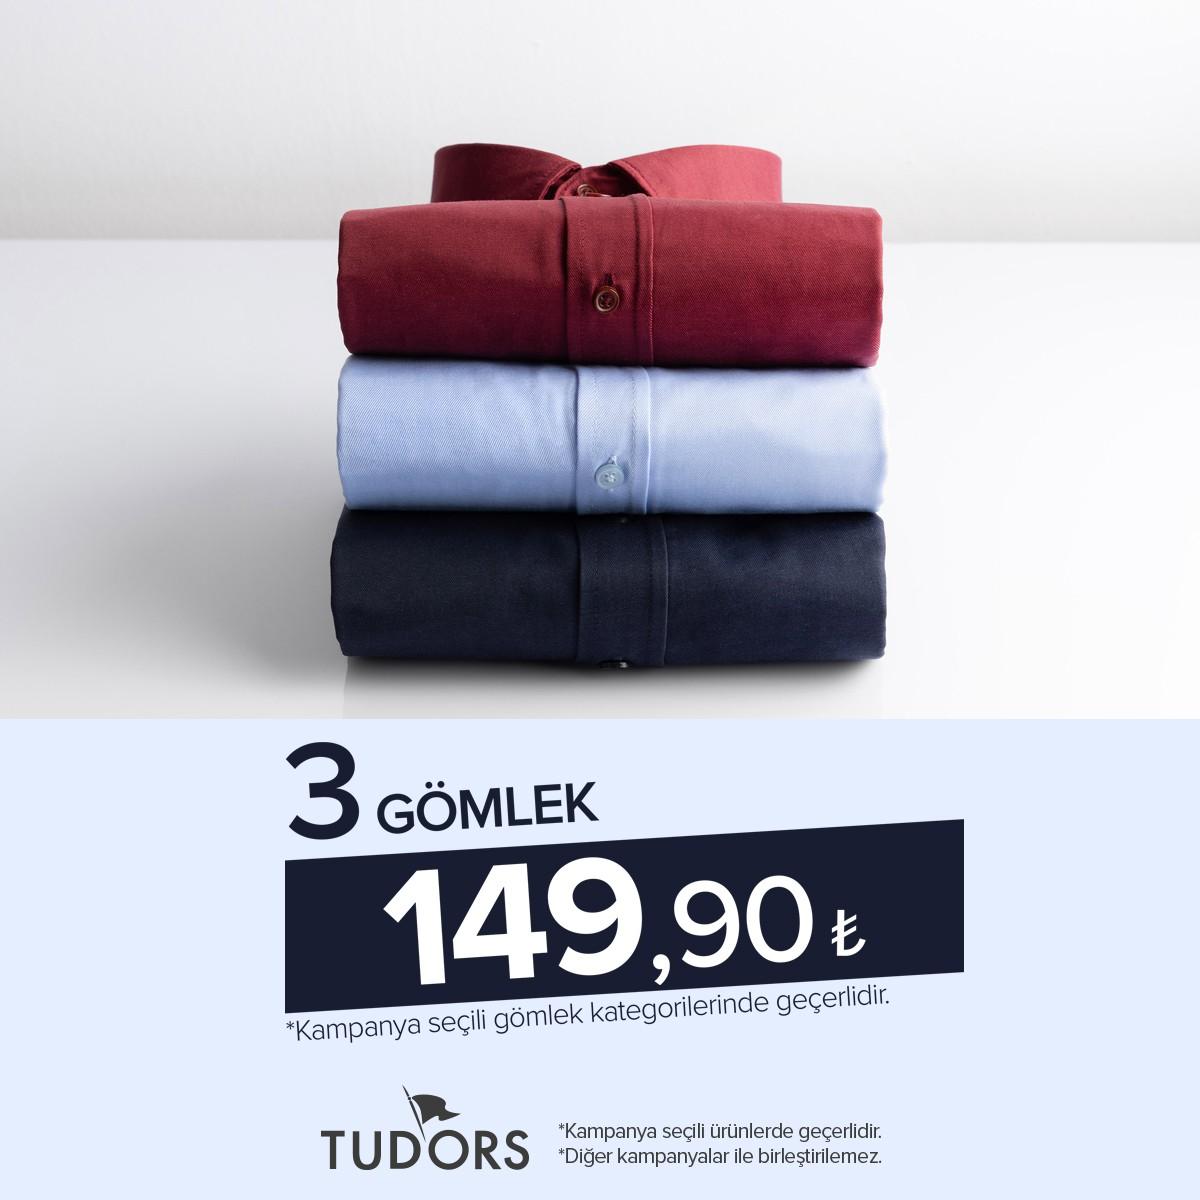 Tudors 3 Gömlek 149,90₺